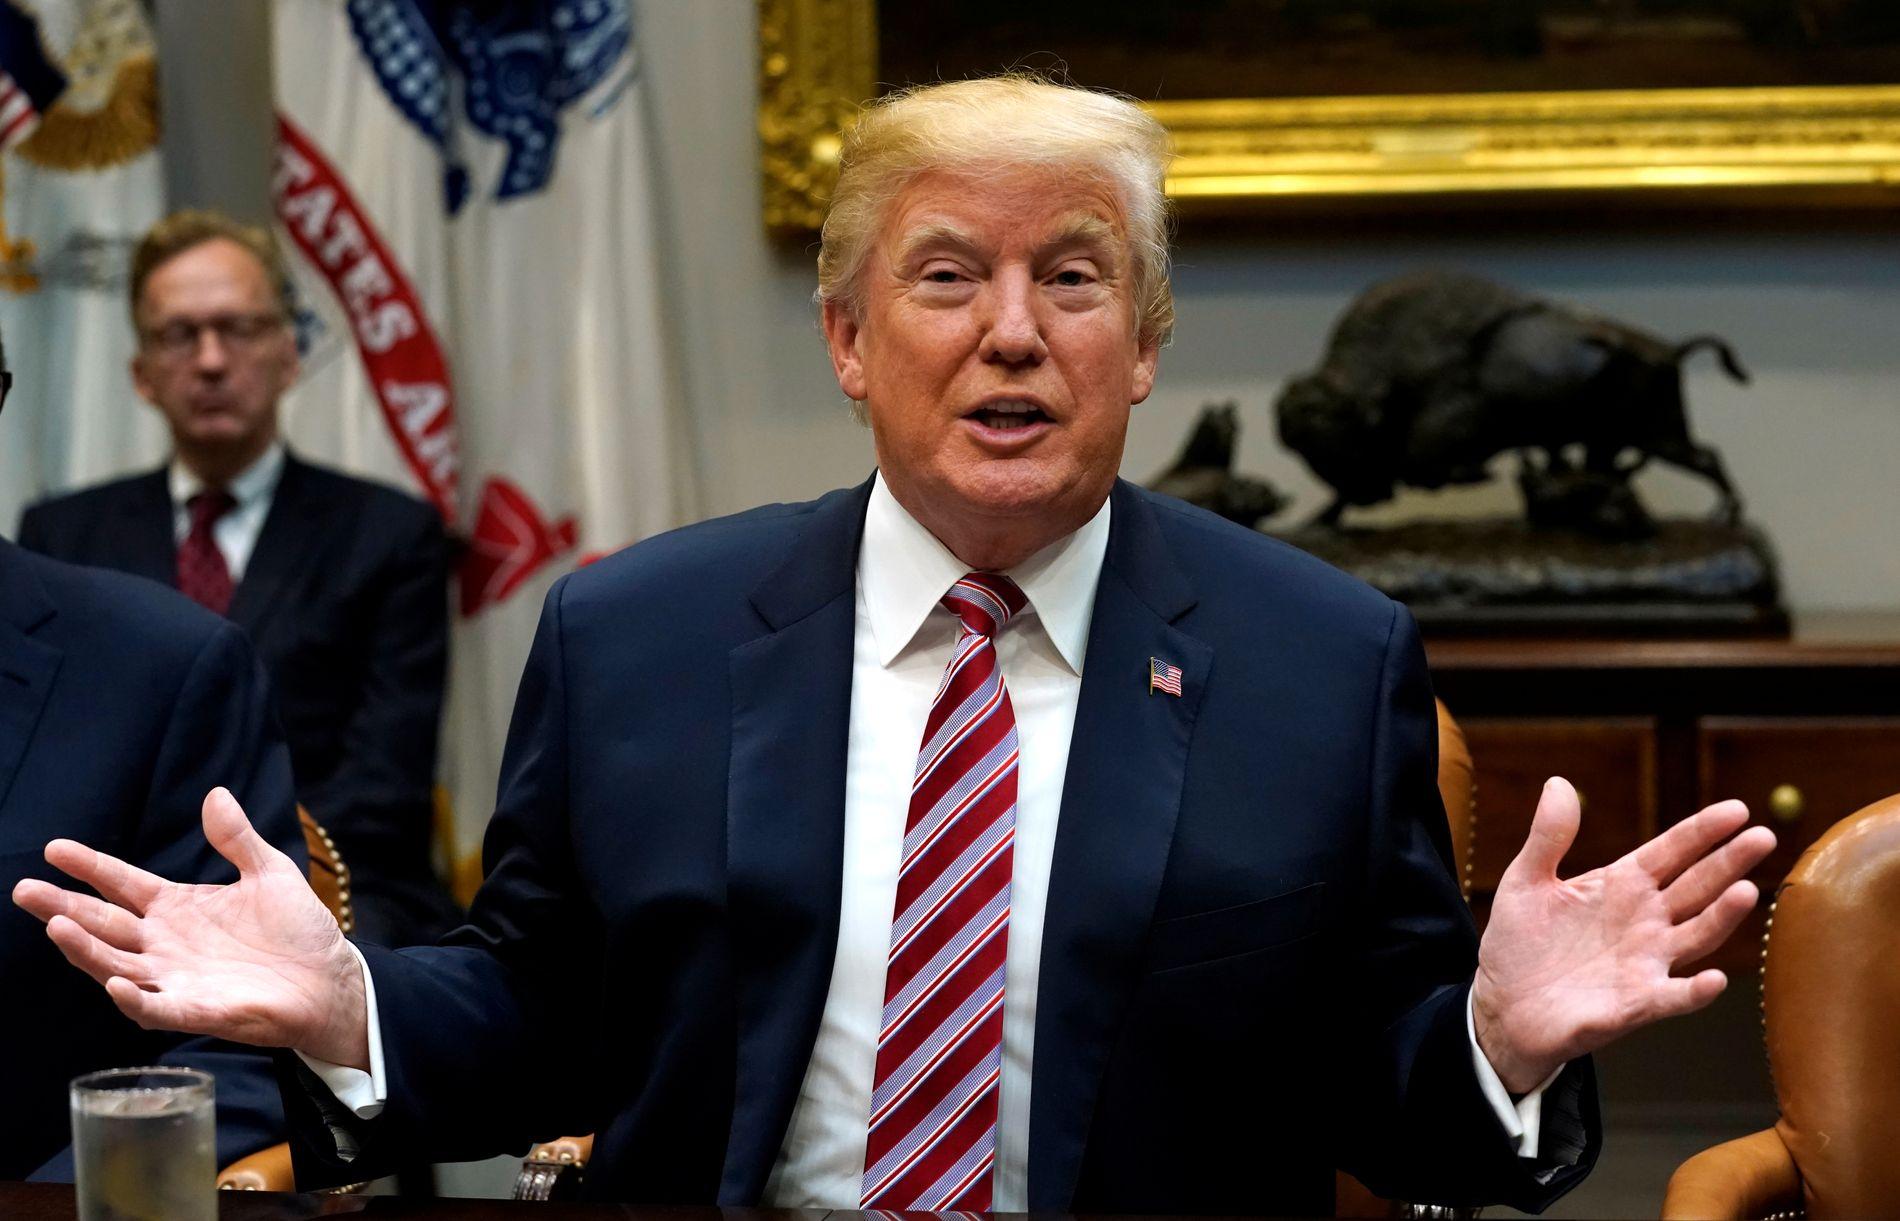 AVVISER ALT: Donald Trump har helt siden han ble president insistert på at det overhodet ikke var en sammensvergelse med Russland for å svekke motkandidat Hillary Clinton. Her i forbindelse med et møte om en ny skattelov tirsdag.